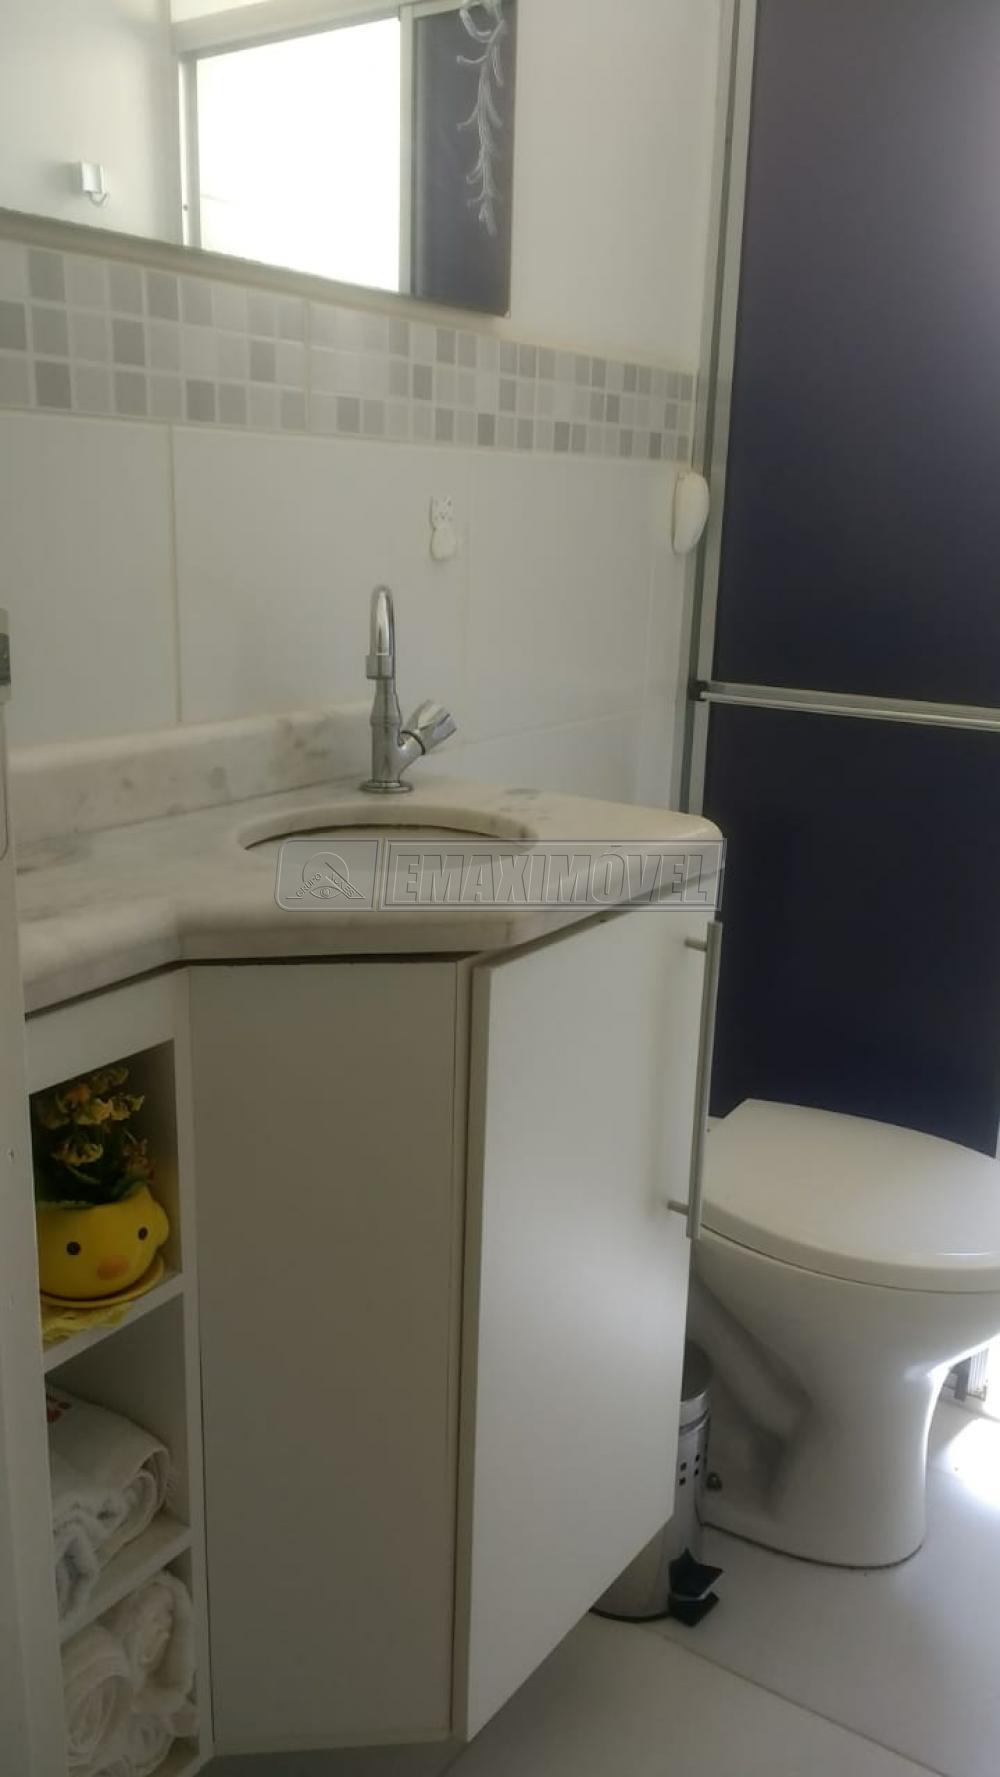 Comprar Casa / em Condomínios em Sorocaba R$ 350.000,00 - Foto 11